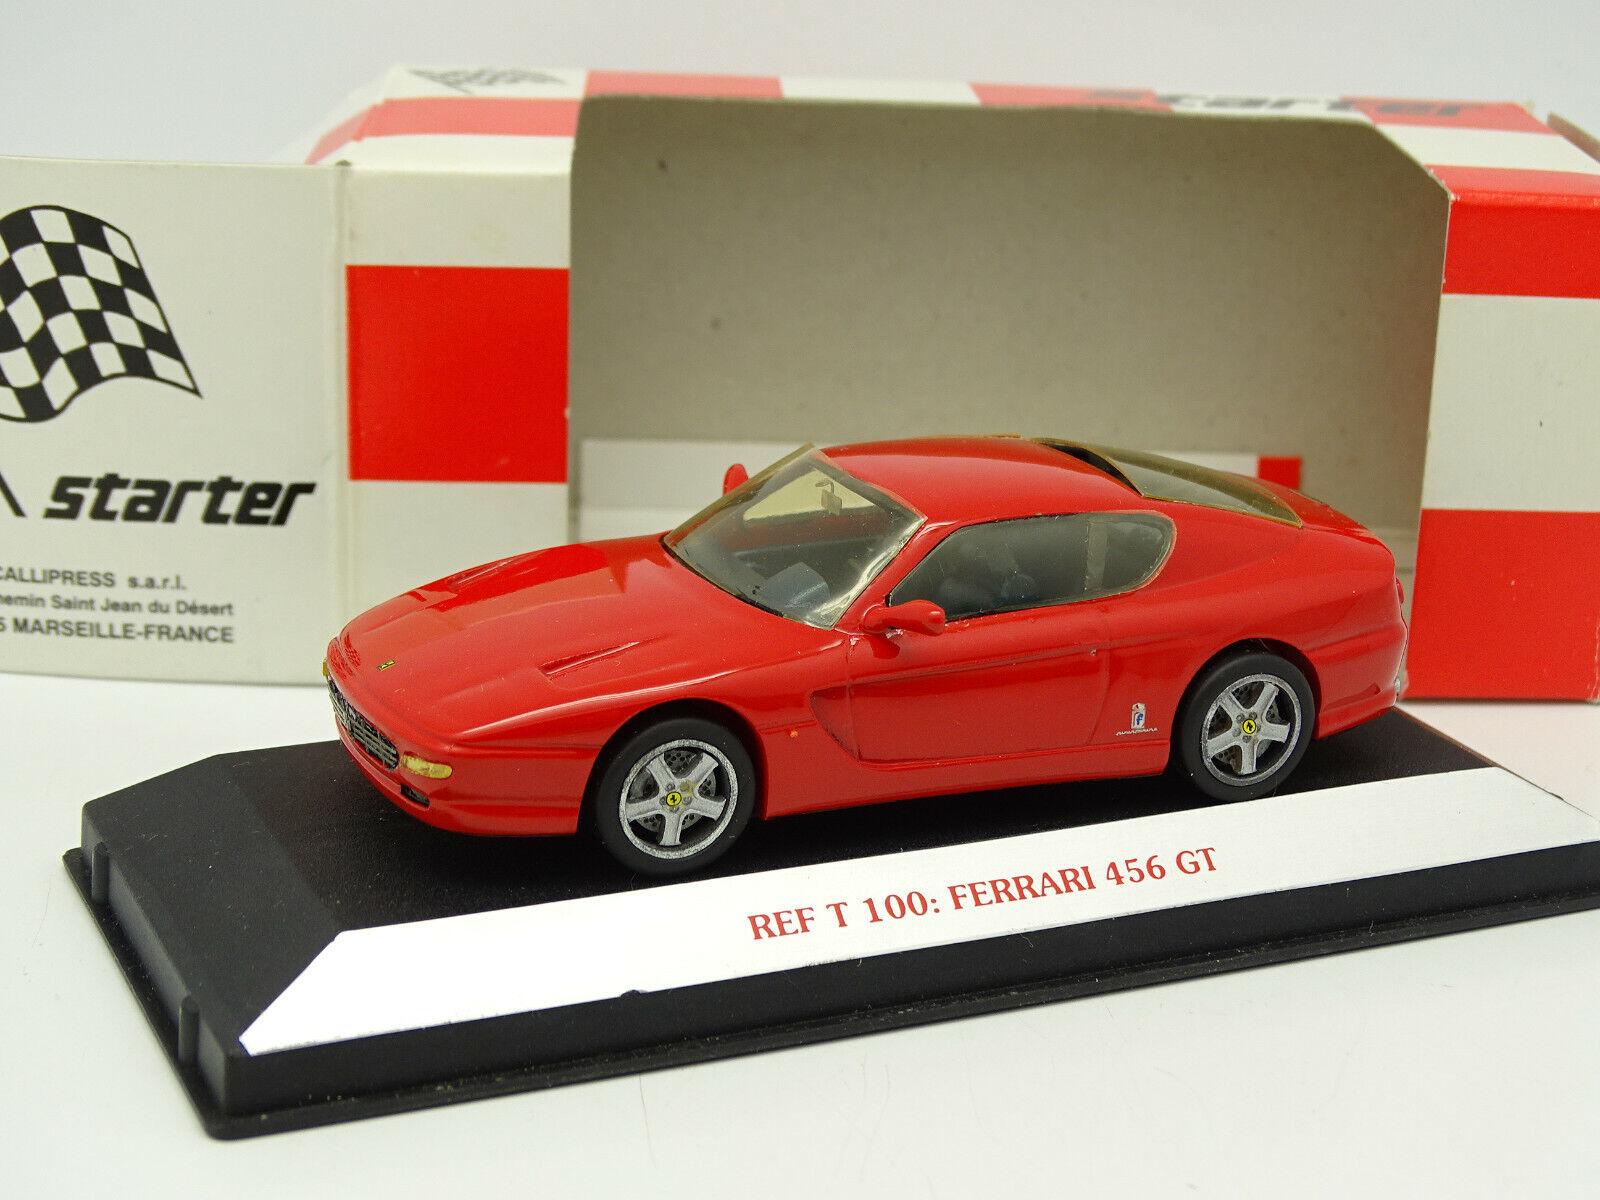 Starter Set Aufgebaut 1 43 - Ferrari 456 Gt Rot